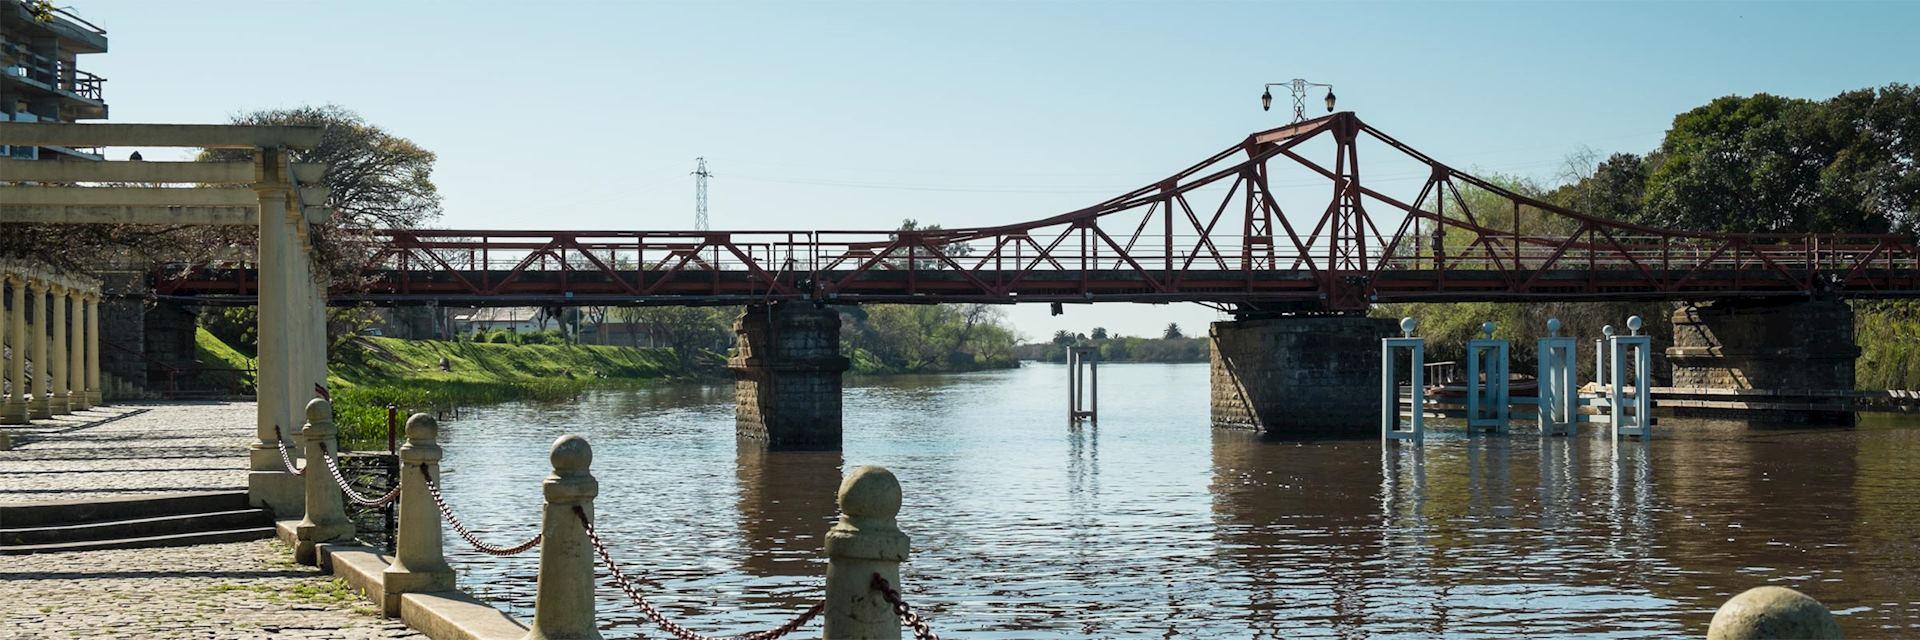 Swing bridge in Carmelo